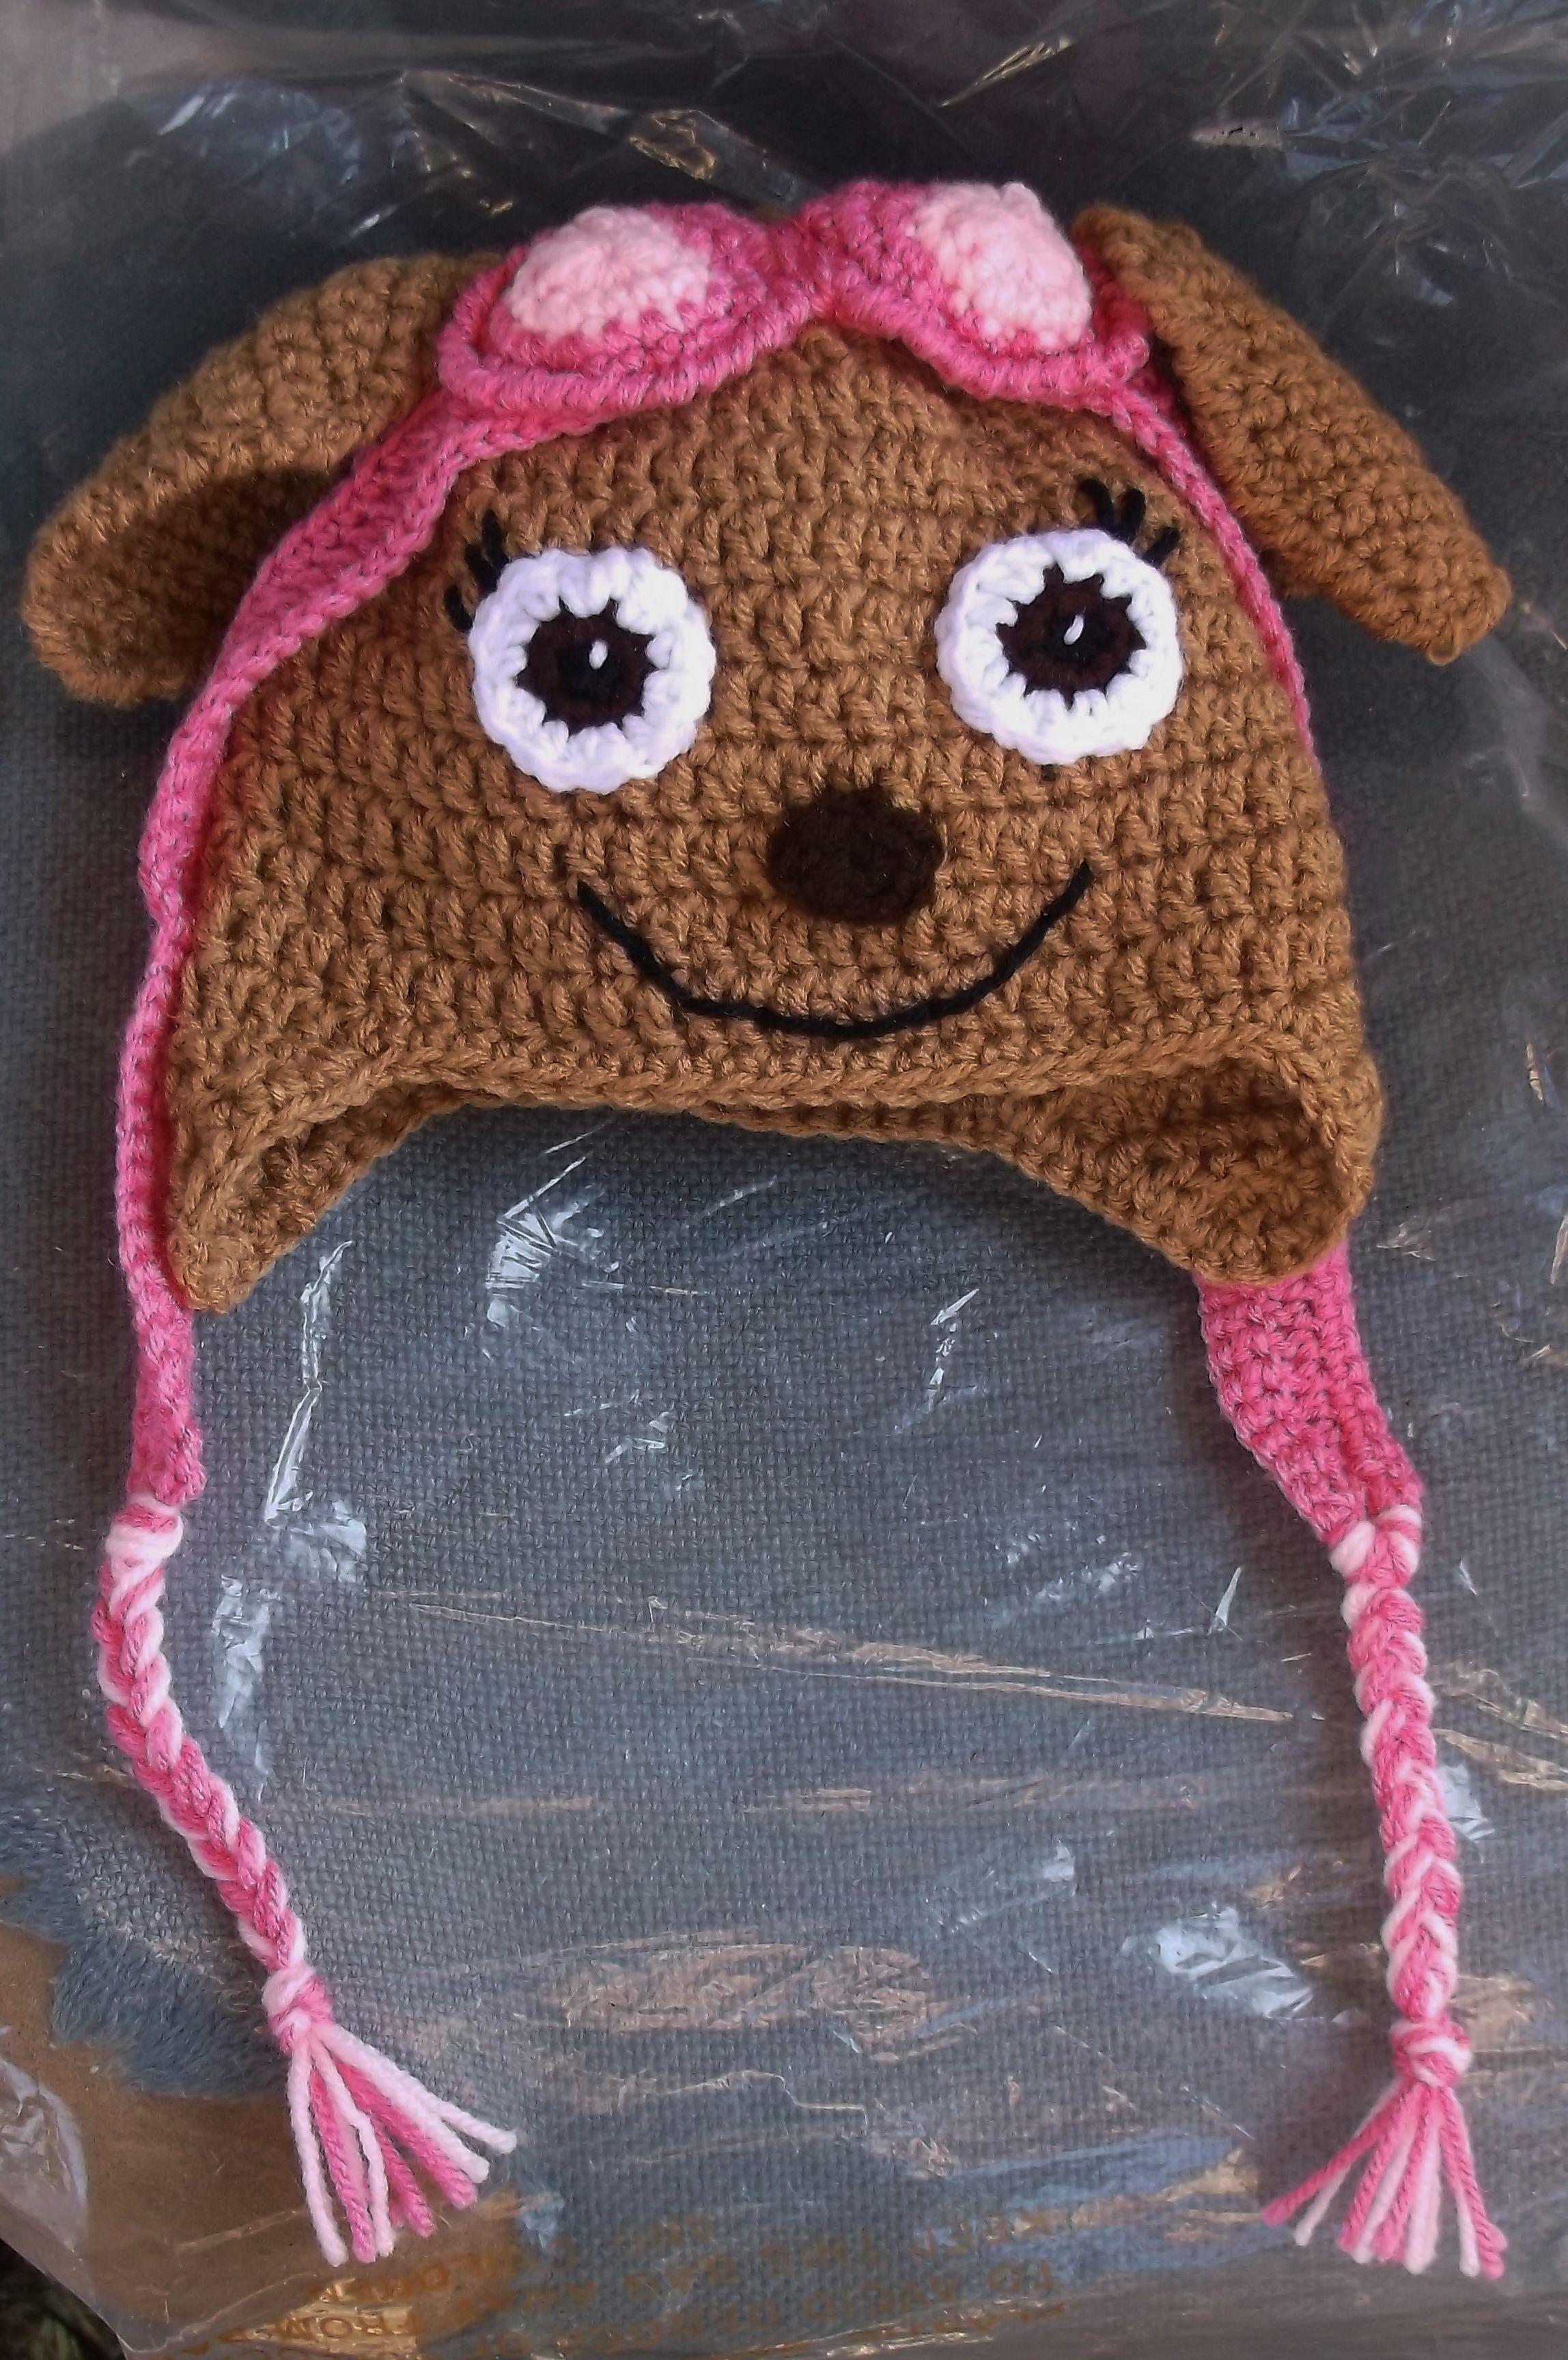 Crochet paw patrol hat no pattern crochet hats headbands crochet paw patrol hat no pattern bankloansurffo Gallery